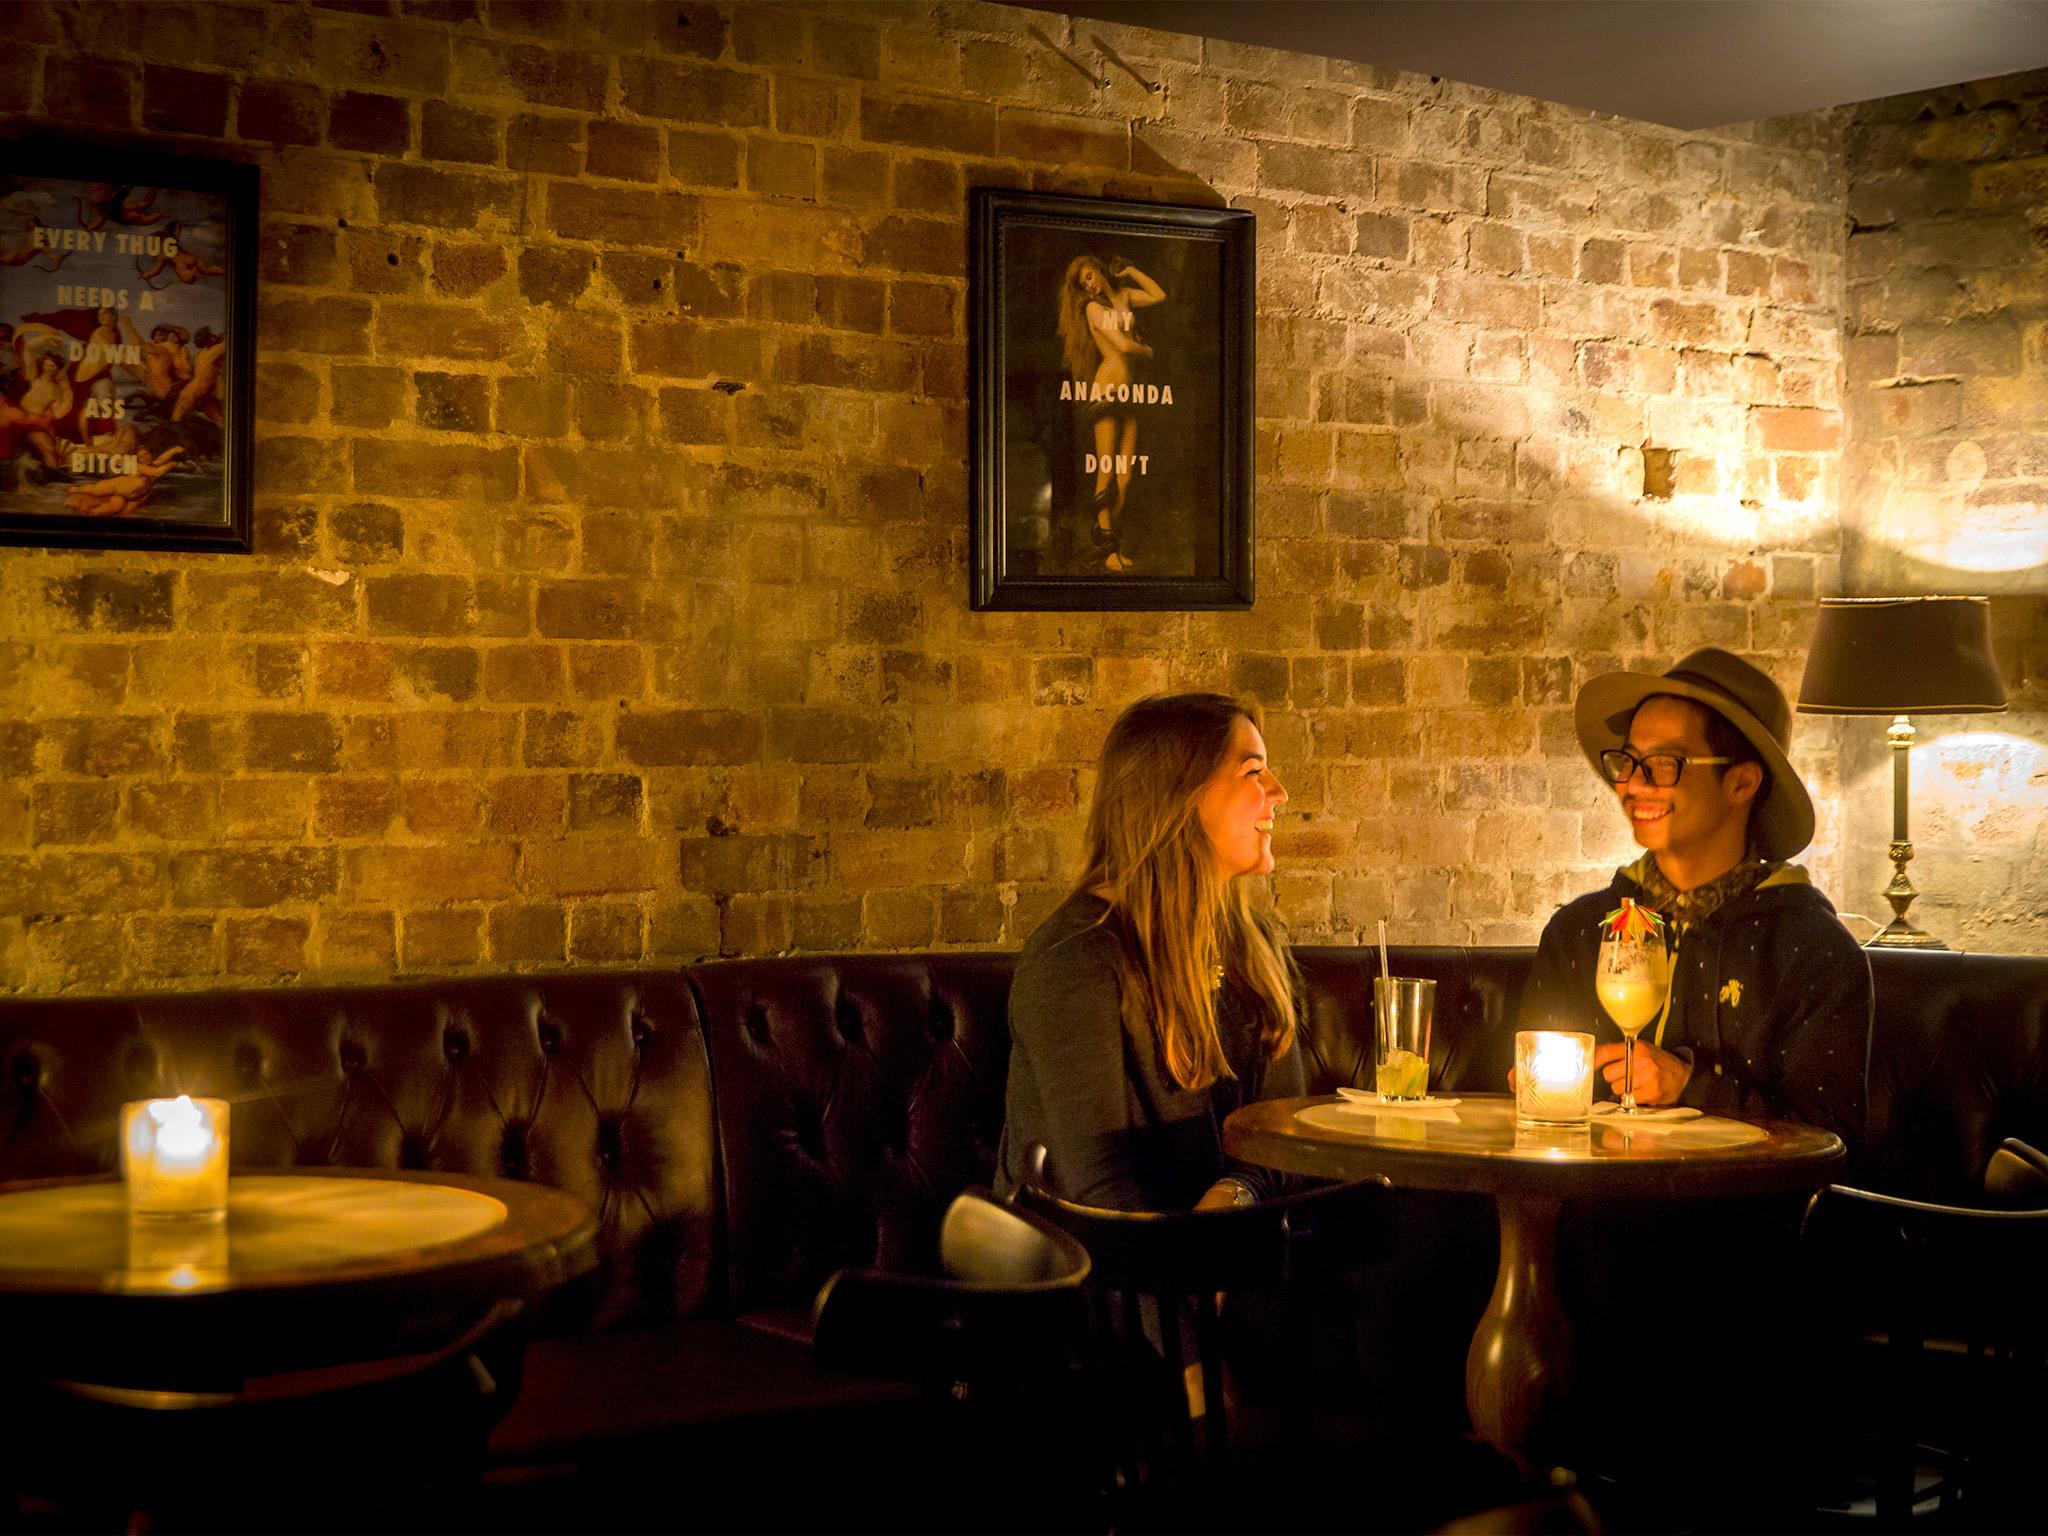 Speed Dating Sydney czwartek pomysły randkowe dla młodych dorosłych